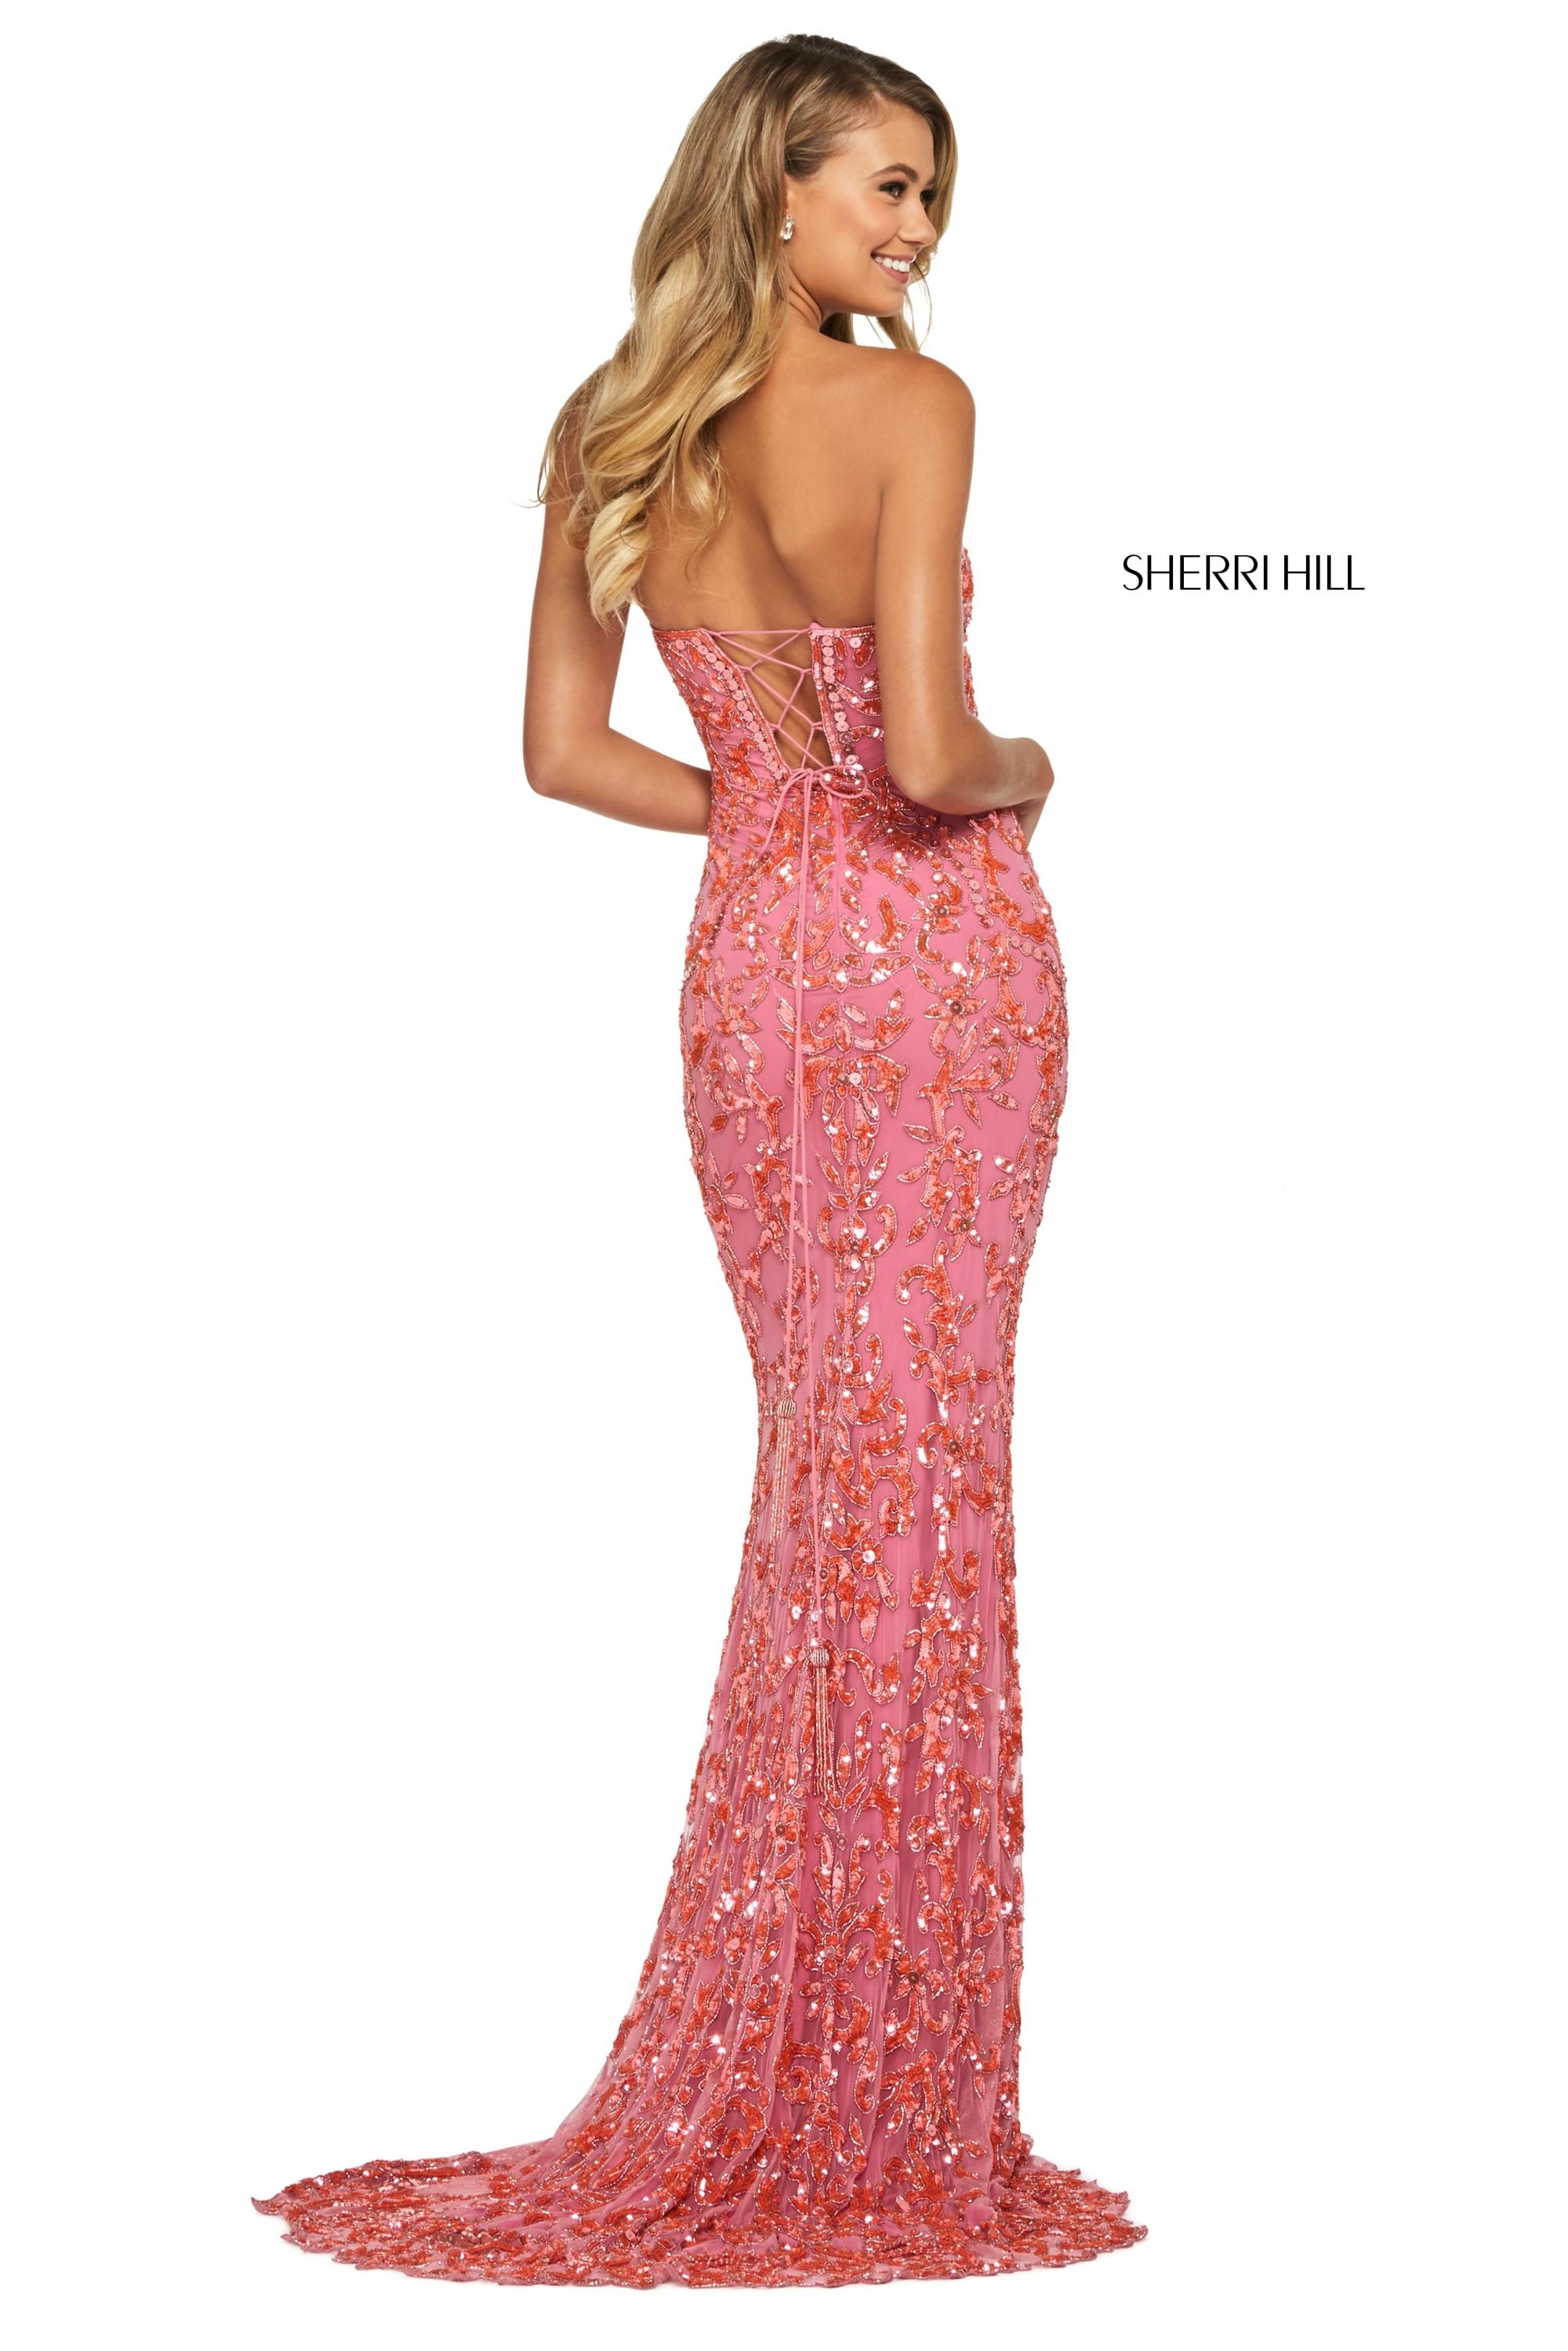 Sherri Hill 53453 Nikki S Glitz And Glam Boutique Prom